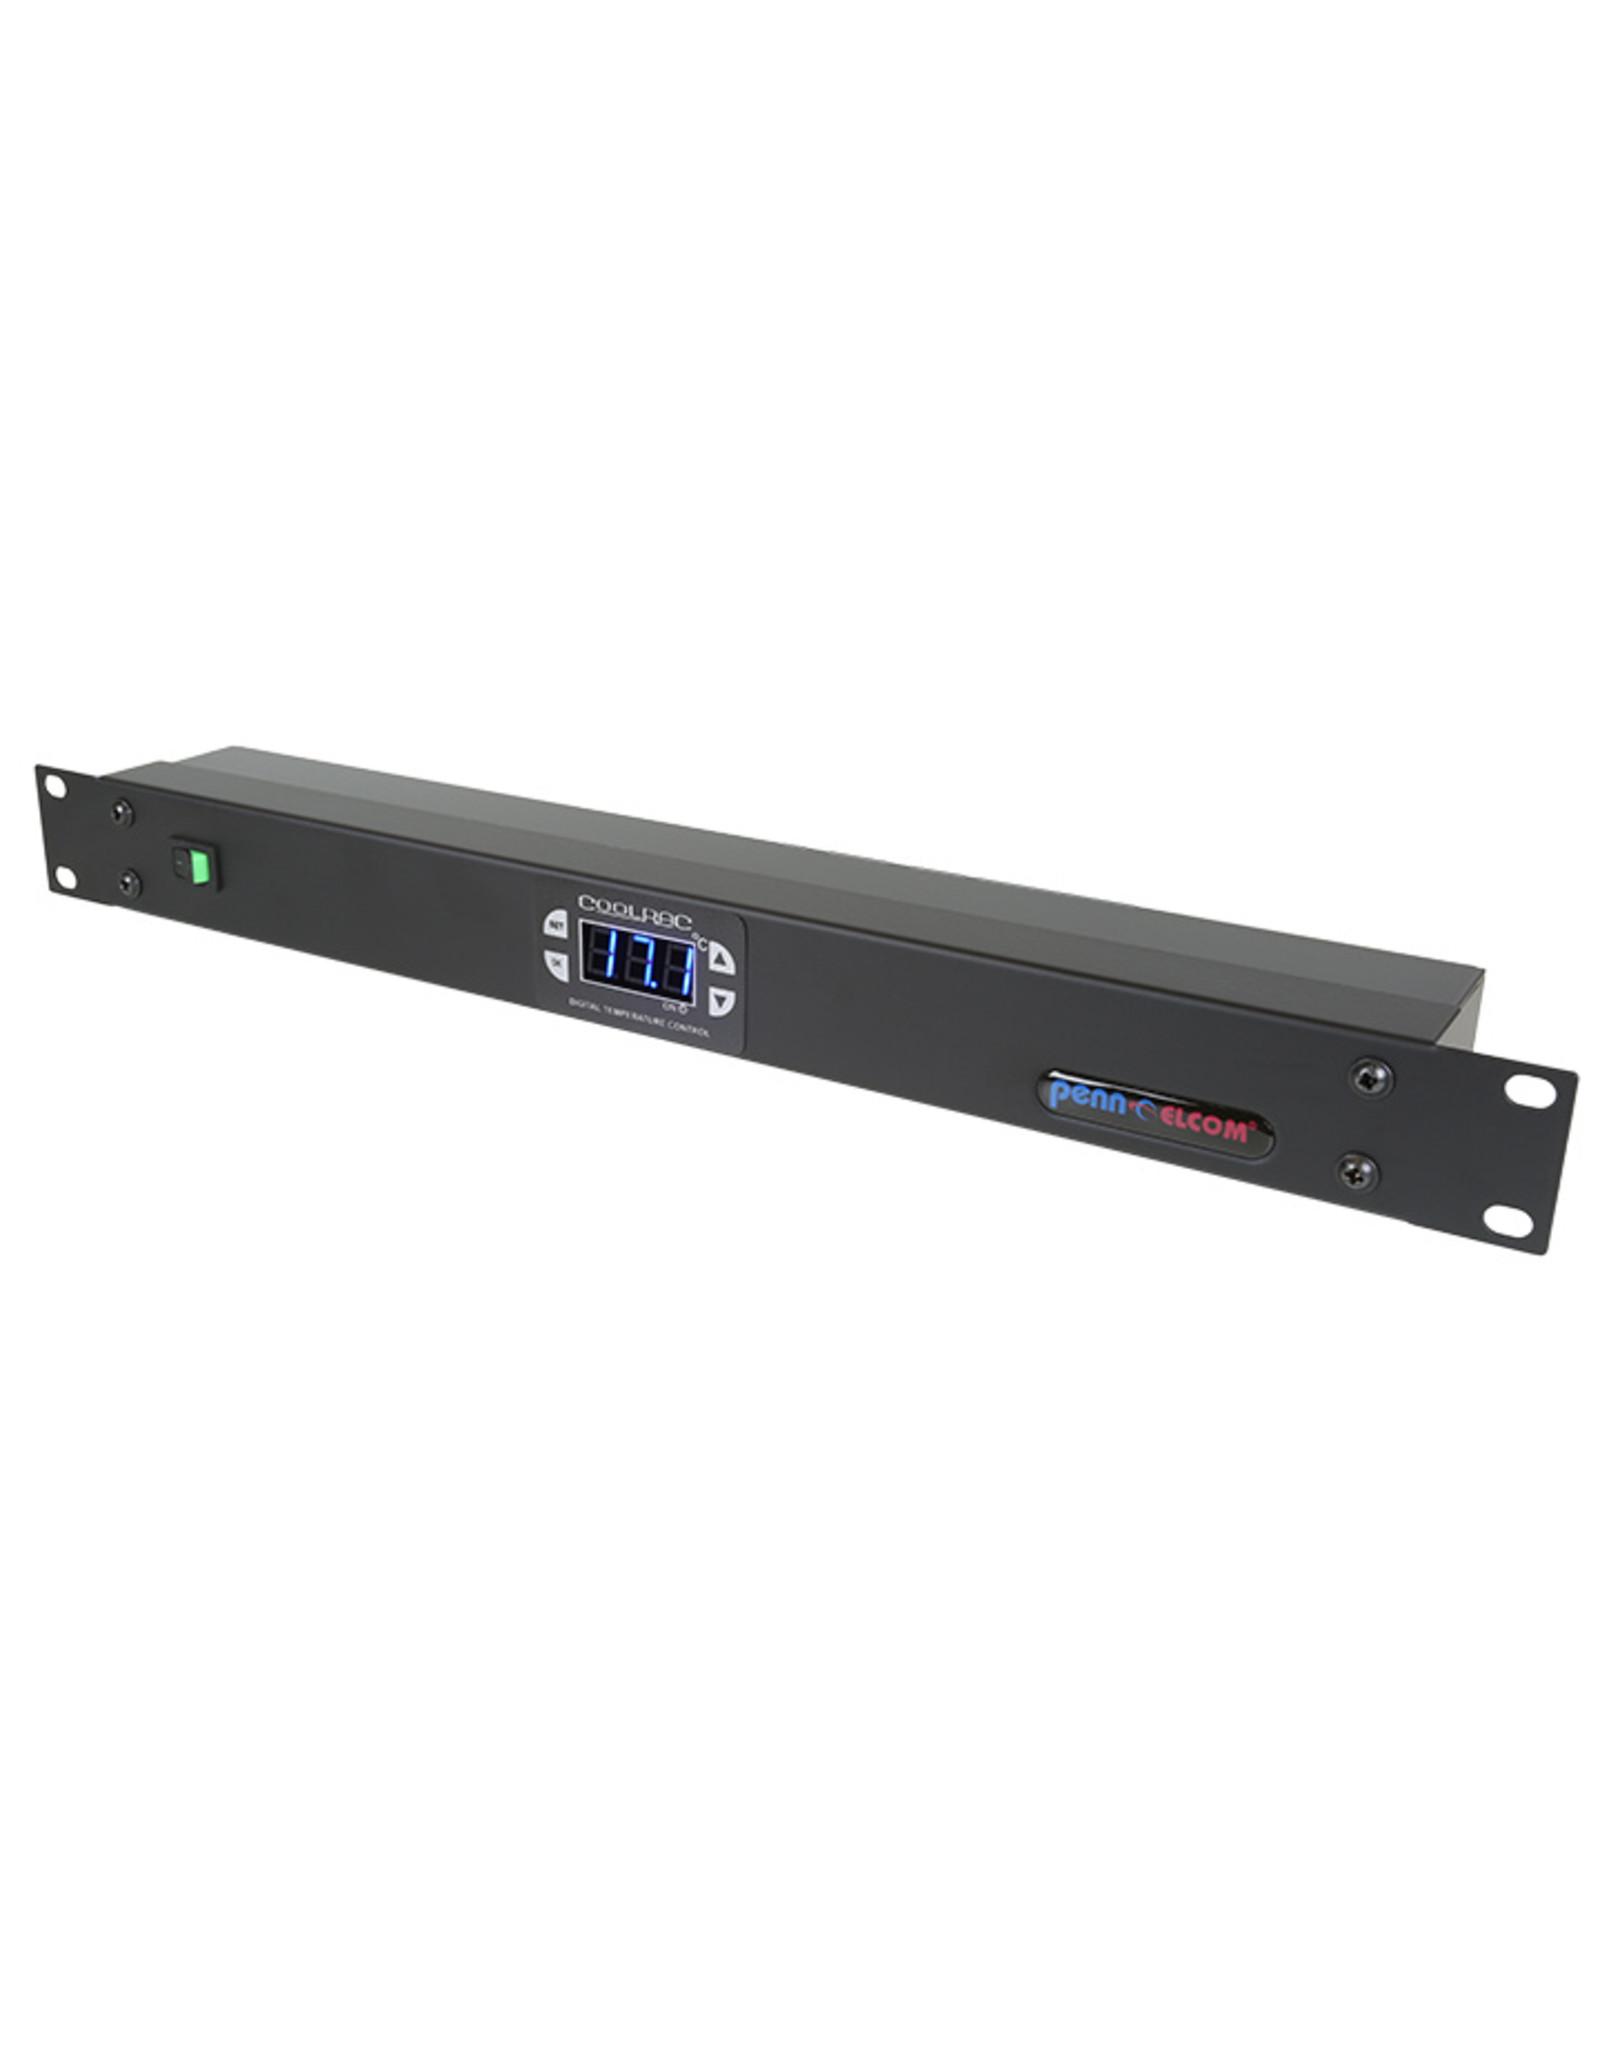 Penn Elcom Penn Elcom 1HE digitale thermostaat monitor